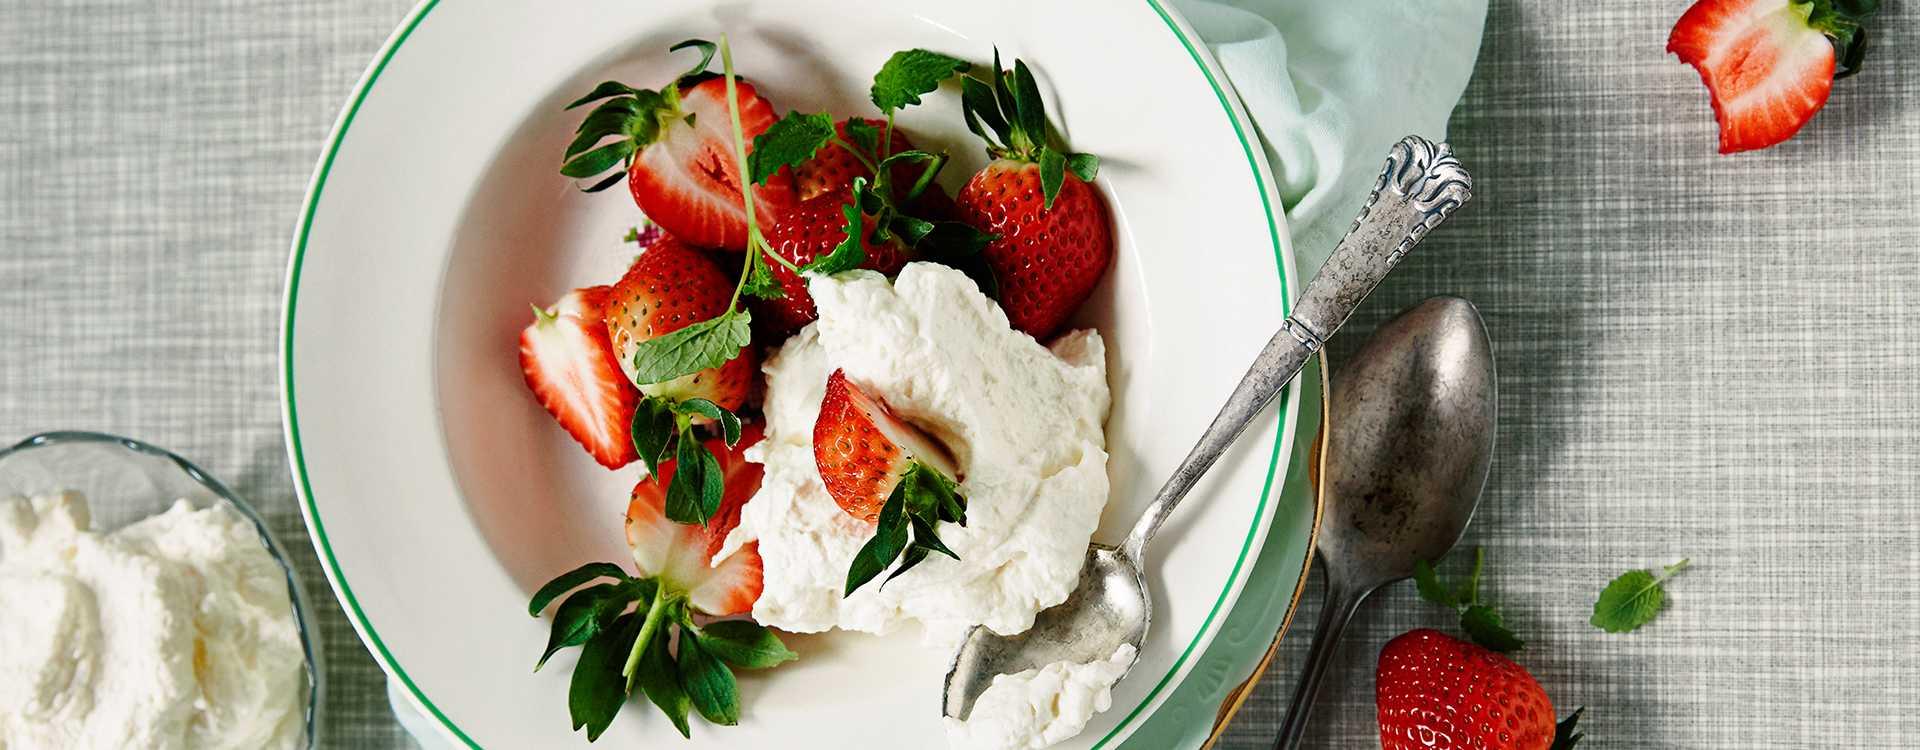 Jordbær med sitronmelisse og mascarpone-krem